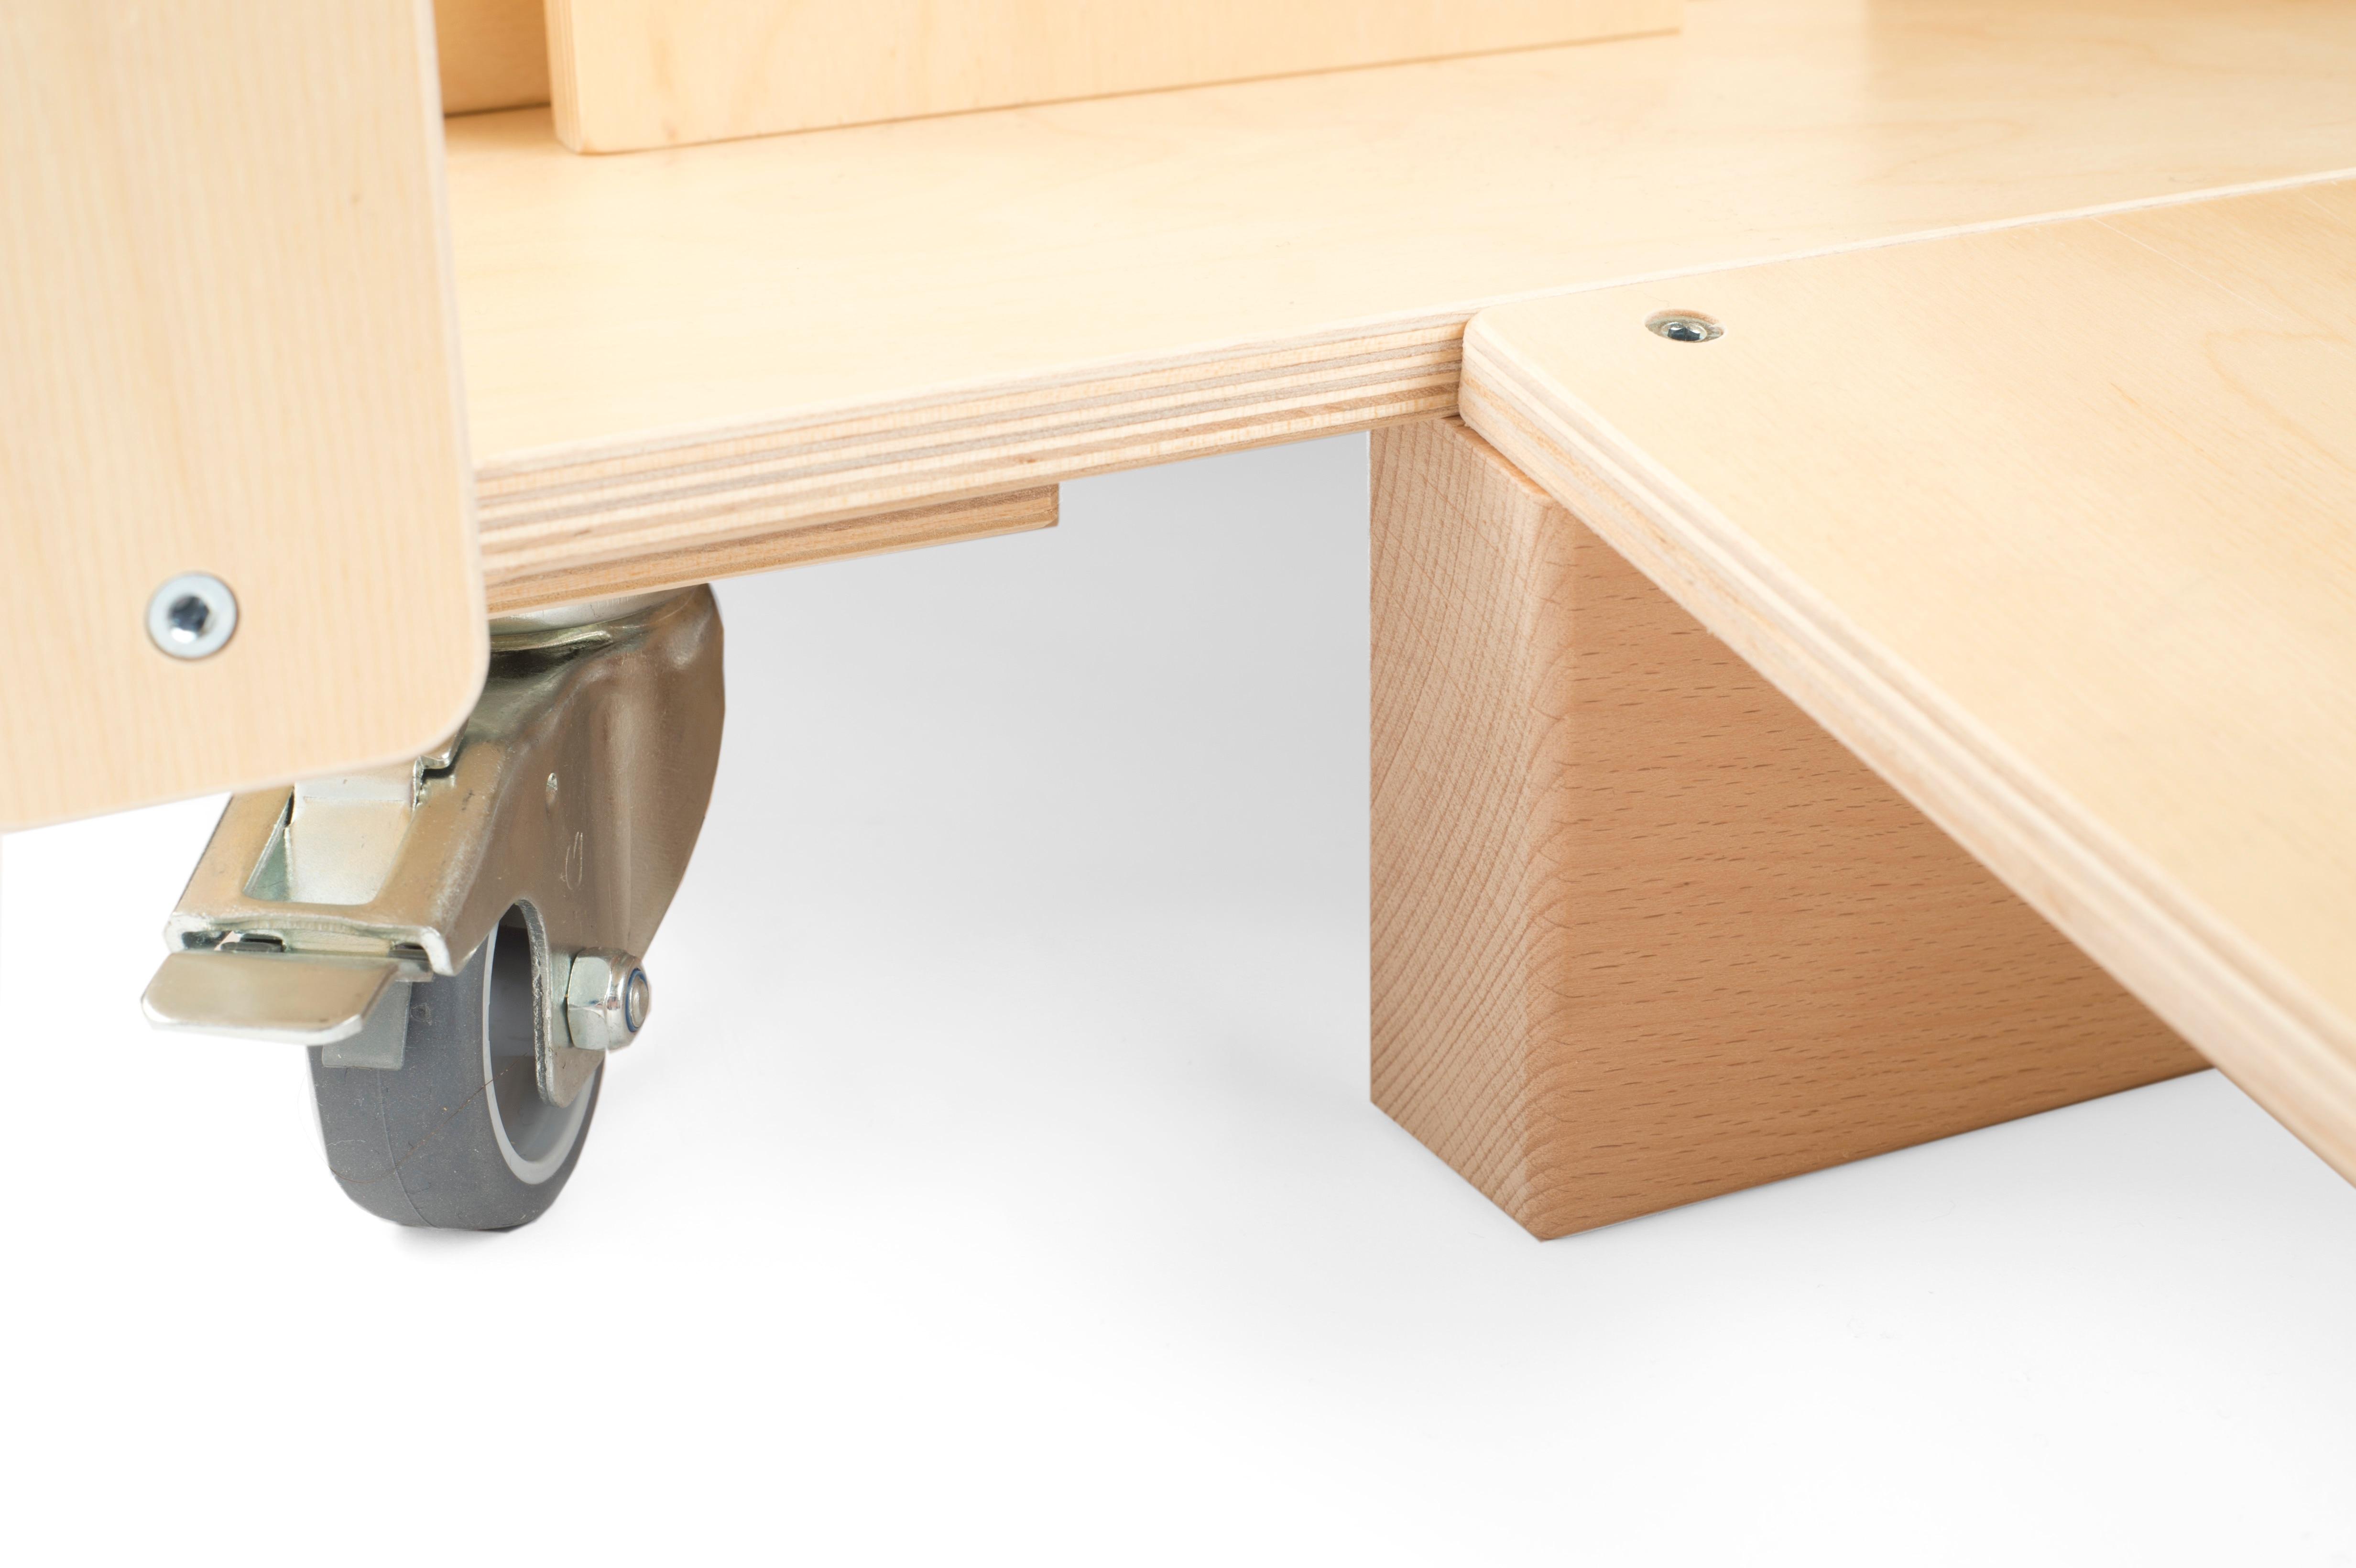 Fotos gratis : escritorio, mesa, piso, estante, mueble, cajón ...